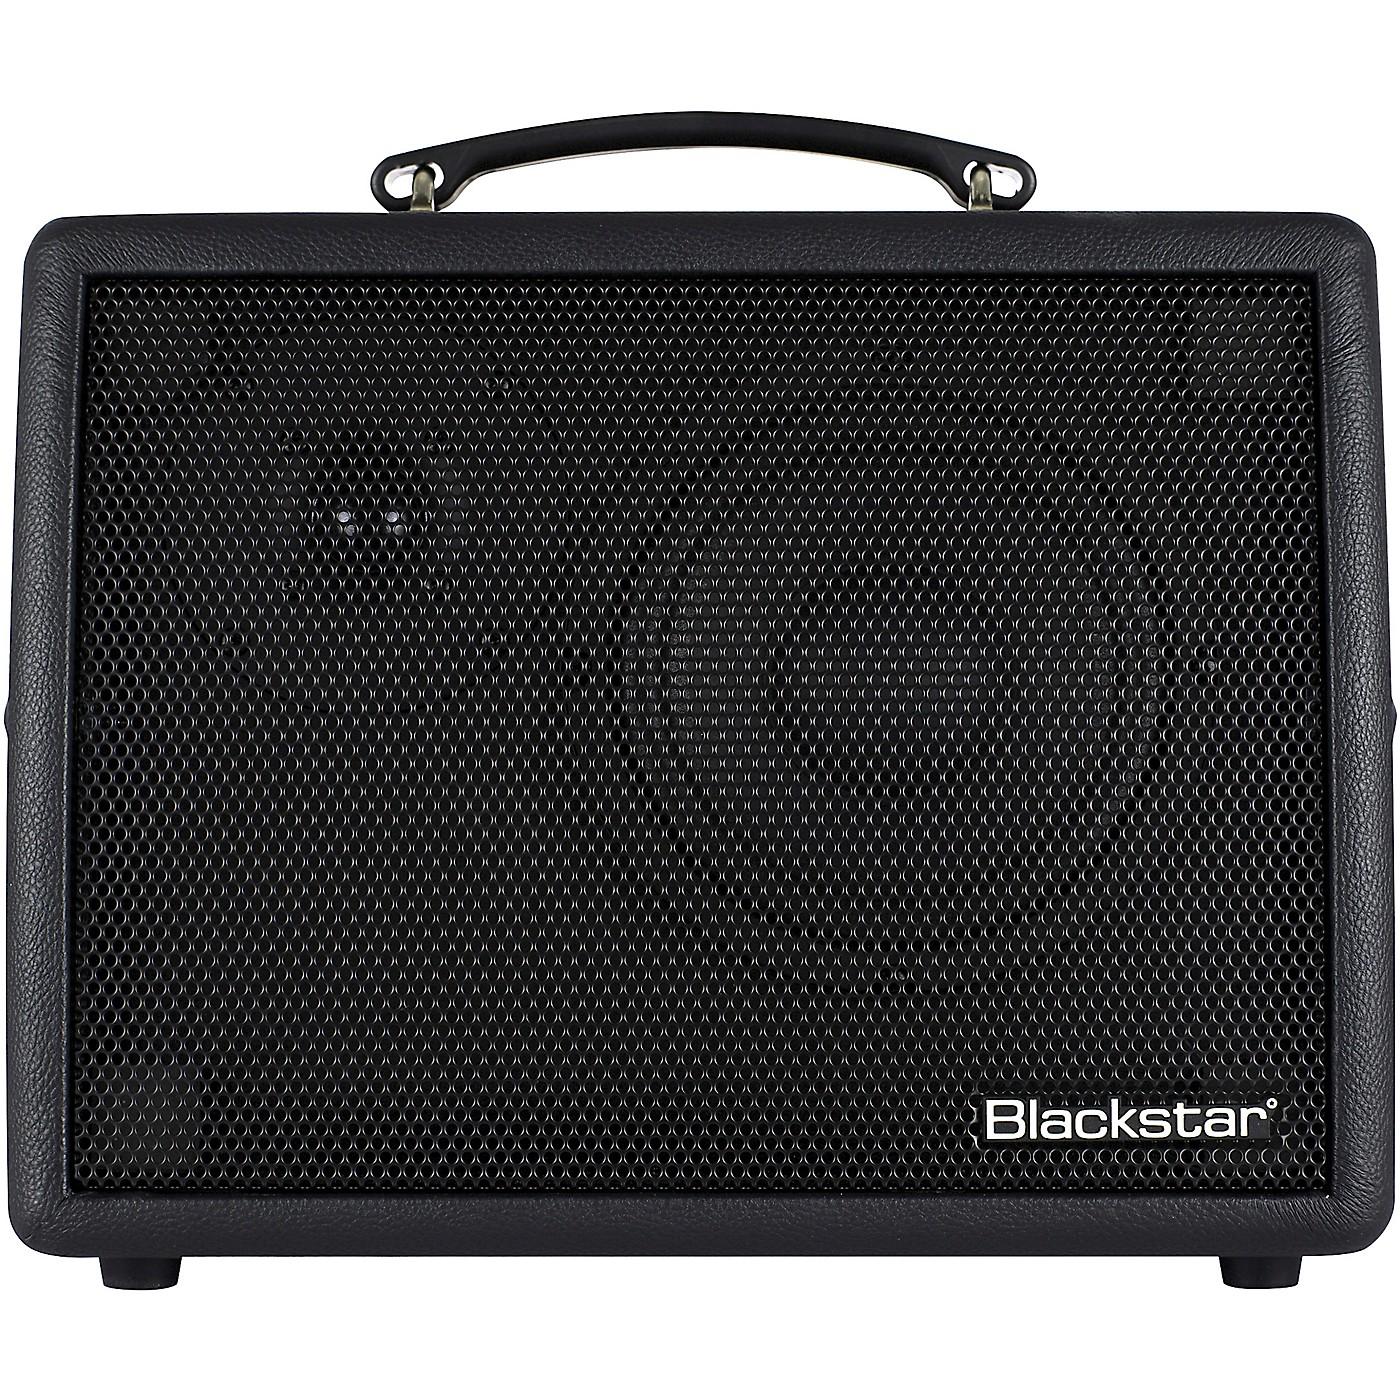 Blackstar Sonnet 60 60W 1x6.5 Acoustic Guitar Combo Amplifier thumbnail